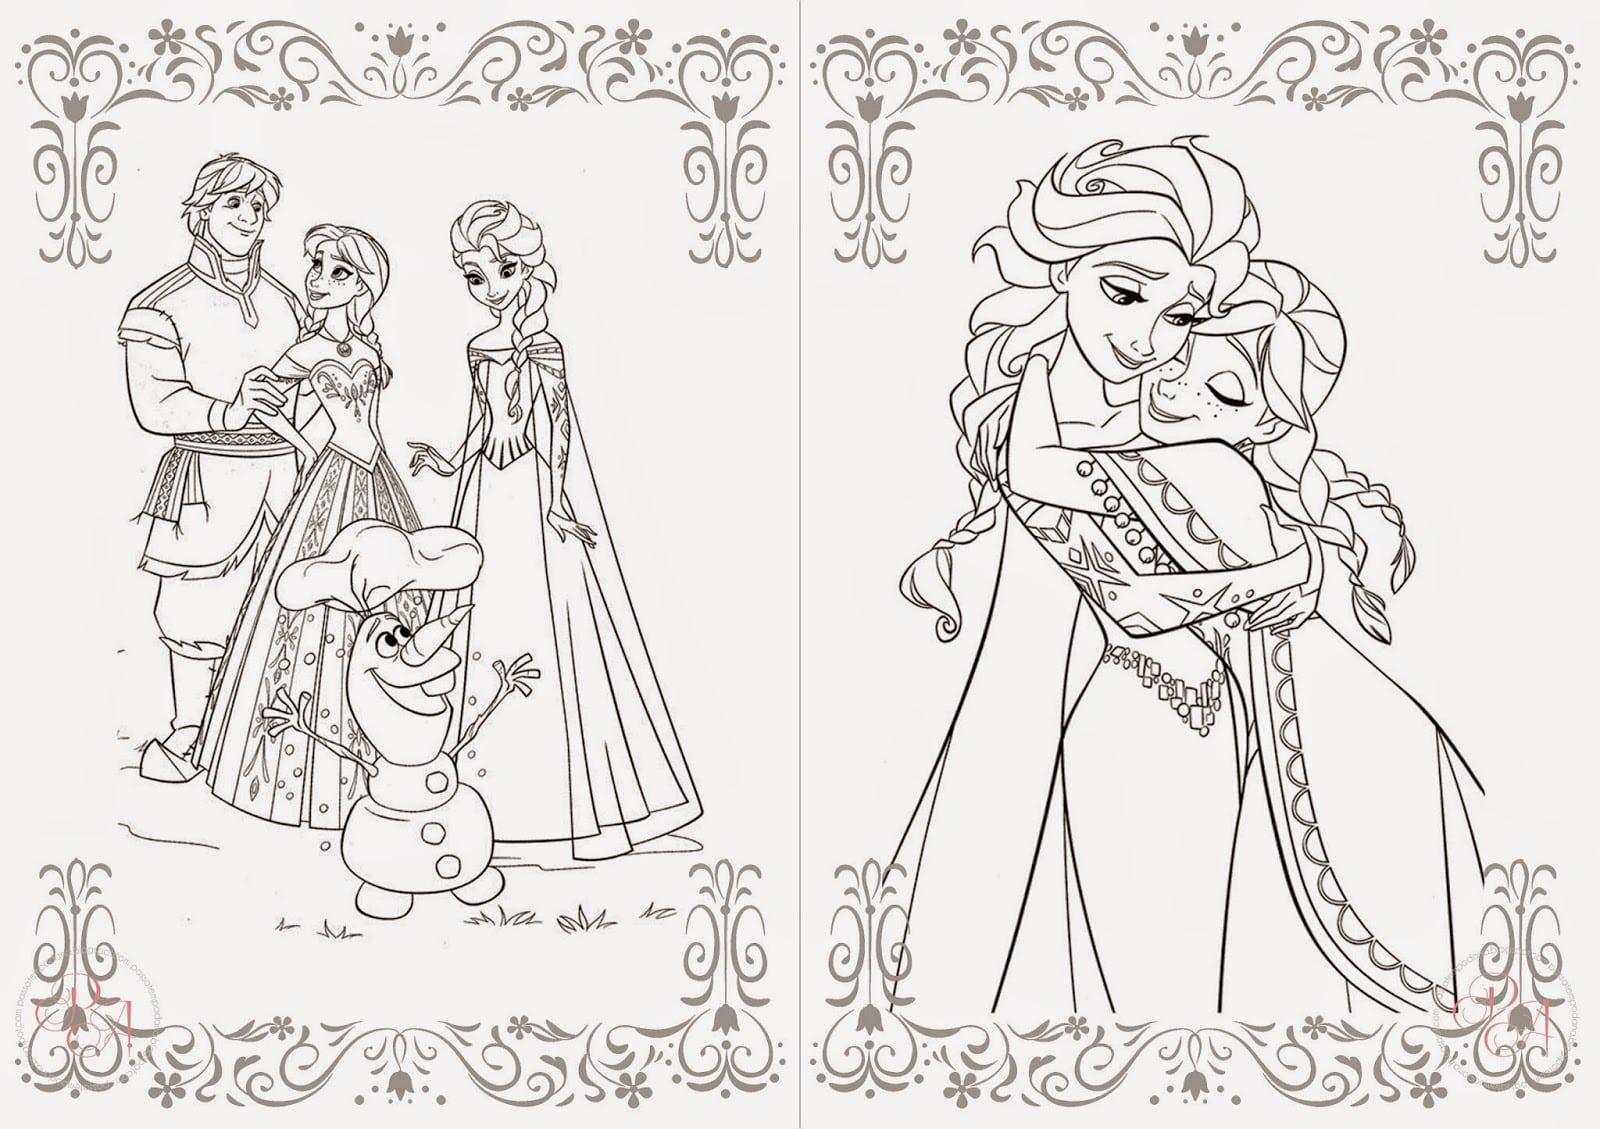 Princesa Frozen Para Colorir Imagens P On Colorindo Princesa Elsa